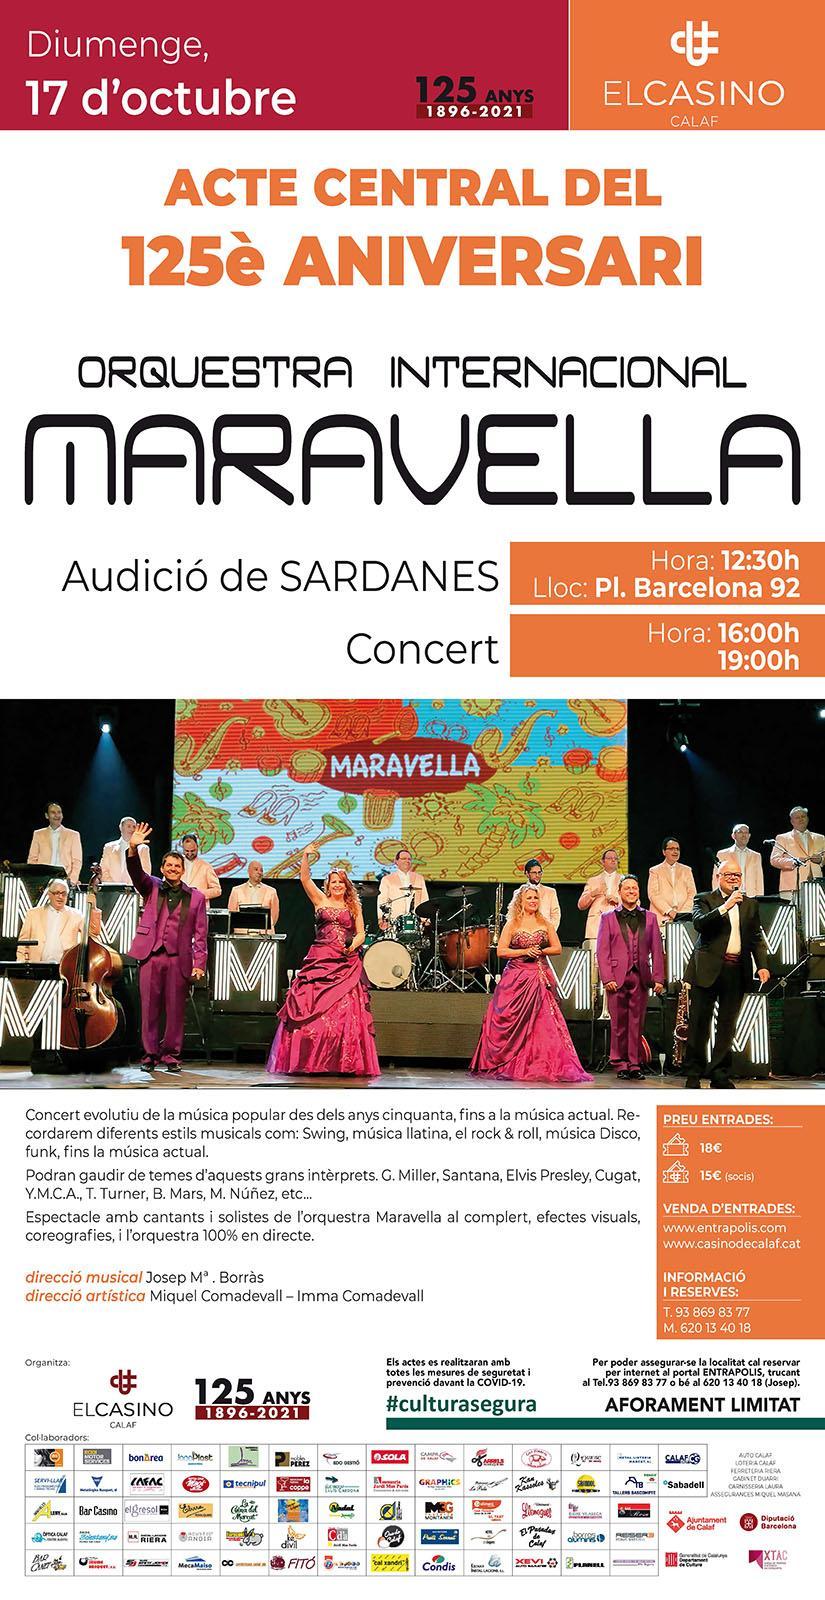 cartell El Casino celebra els 125 anys amb l'Orquestra Maravella